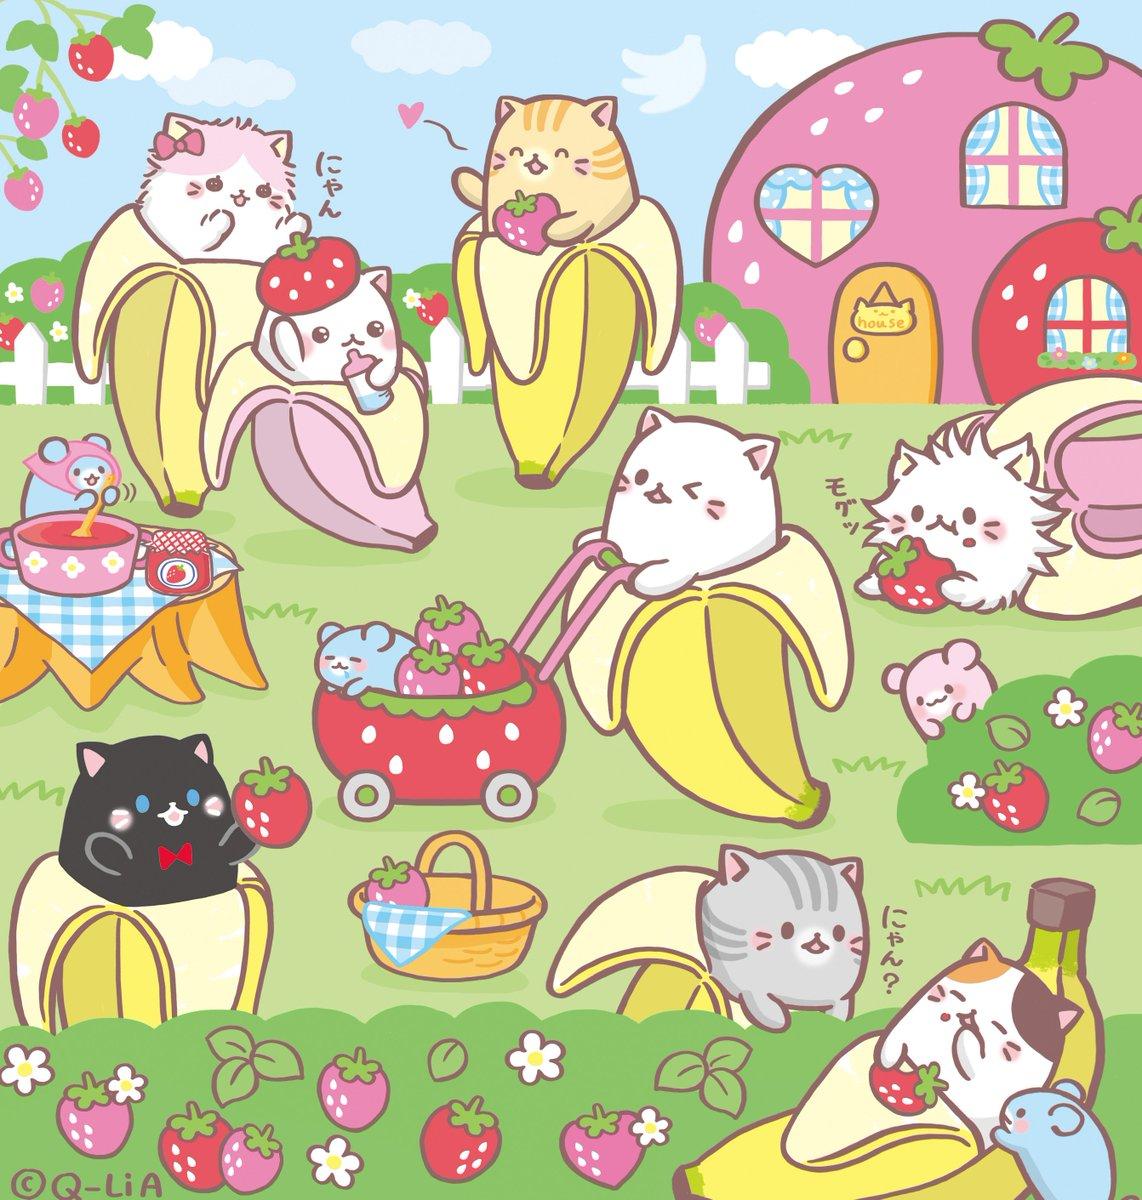 今日は天気がよかったから、ばなにゃ達は苺狩りをしていたみたい!! いっぱい苺とれたかにゃ〜? #ばなにゃ #banany